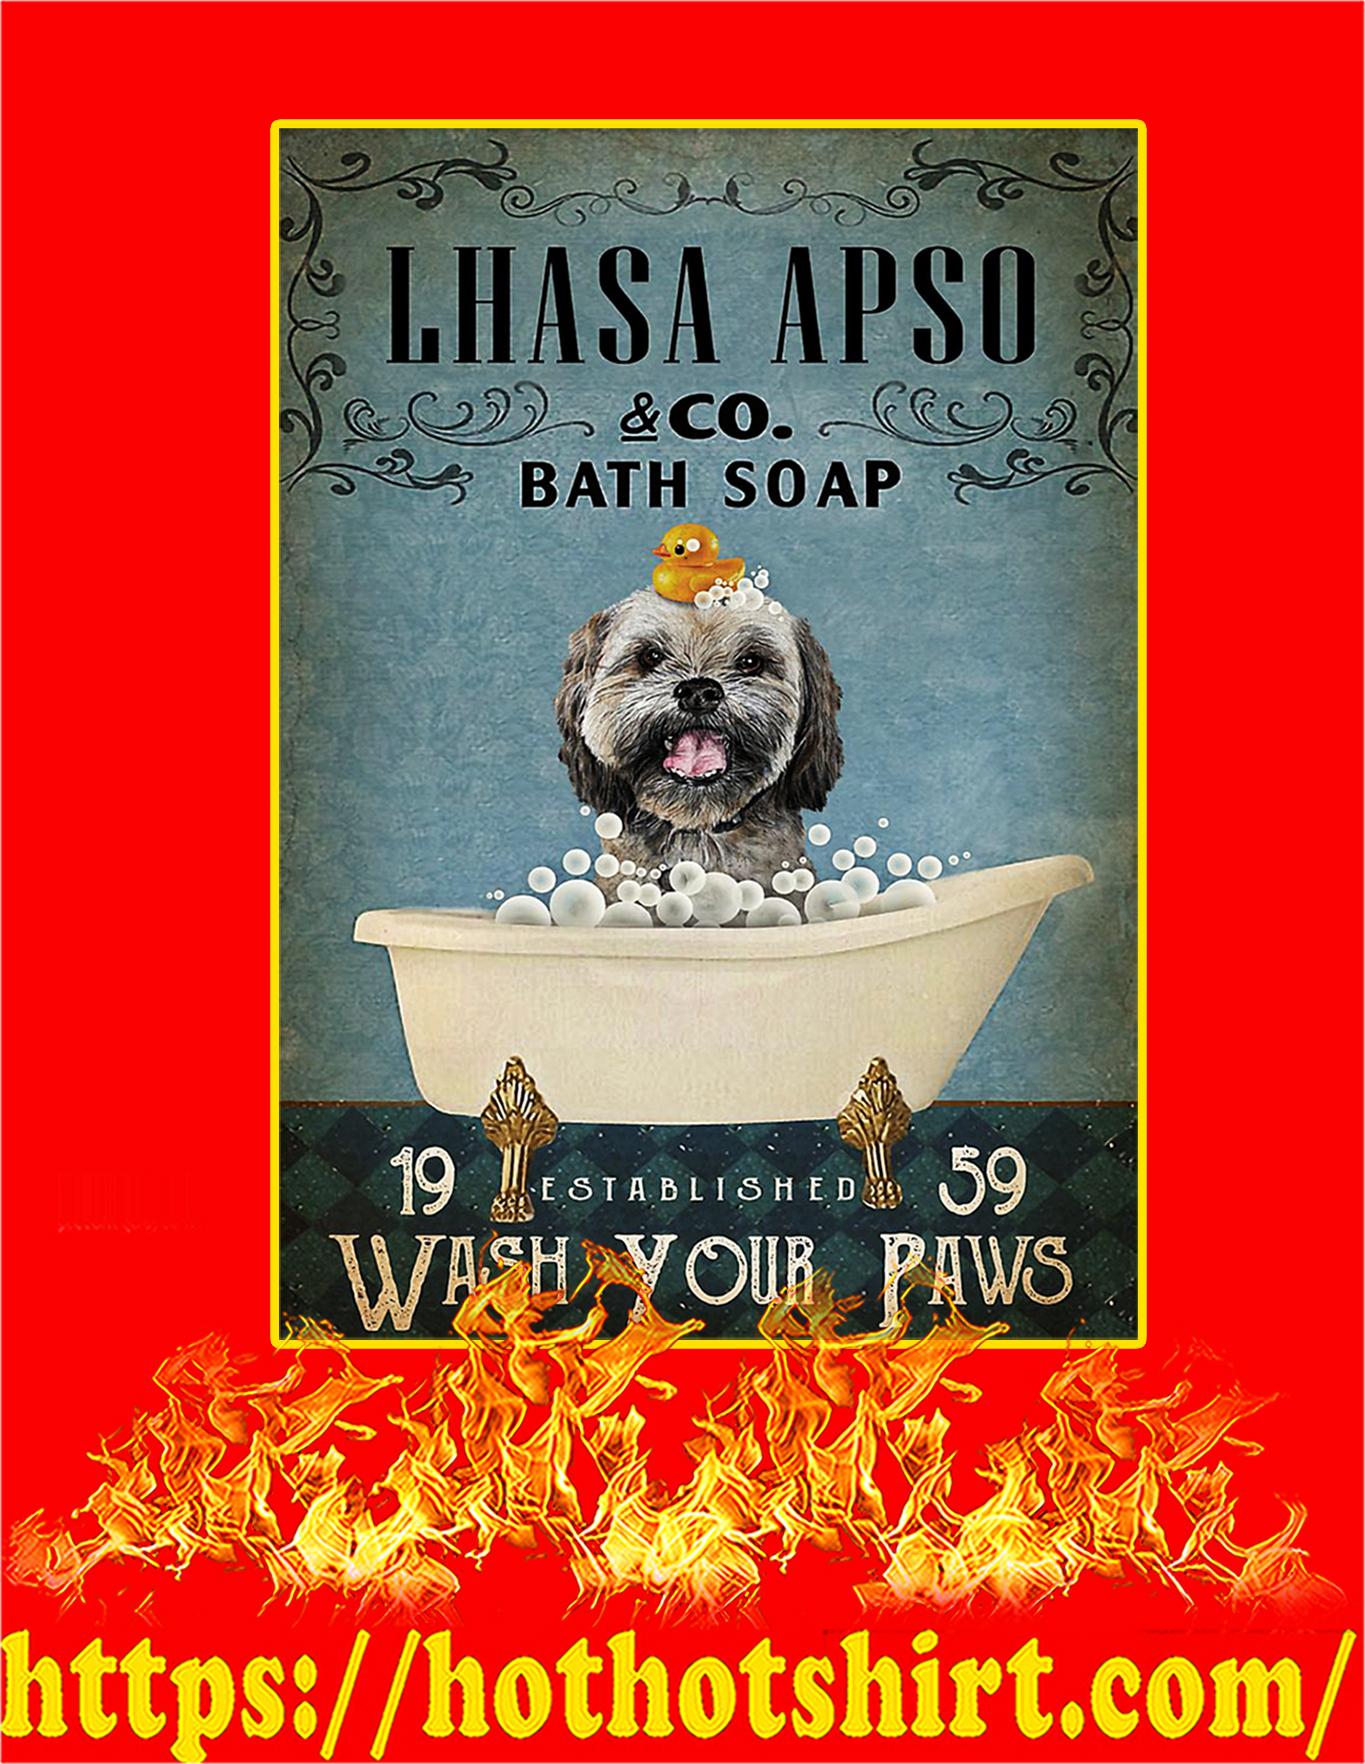 Vintage Bath Soap Lhasa Apso Poster - A2